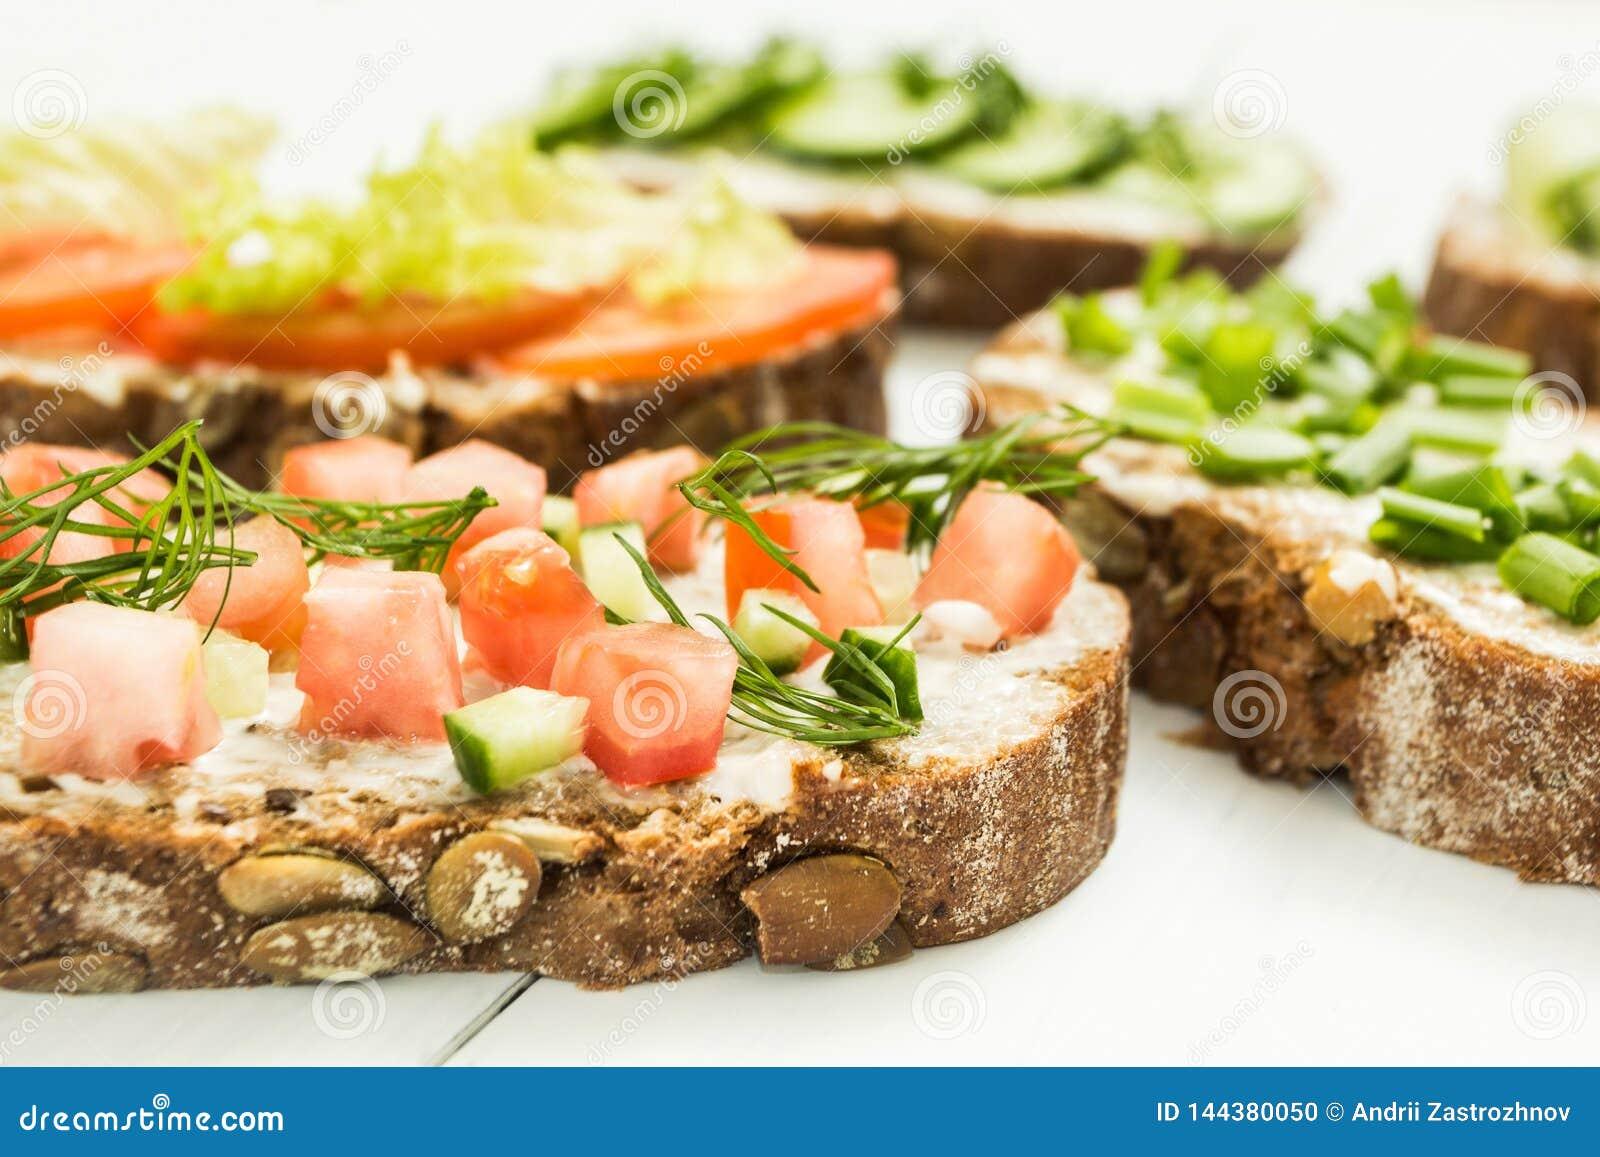 Verschillende soorten kleurrijke sandwiches op een witte houten achtergrond Gezond levensstijl en dieet